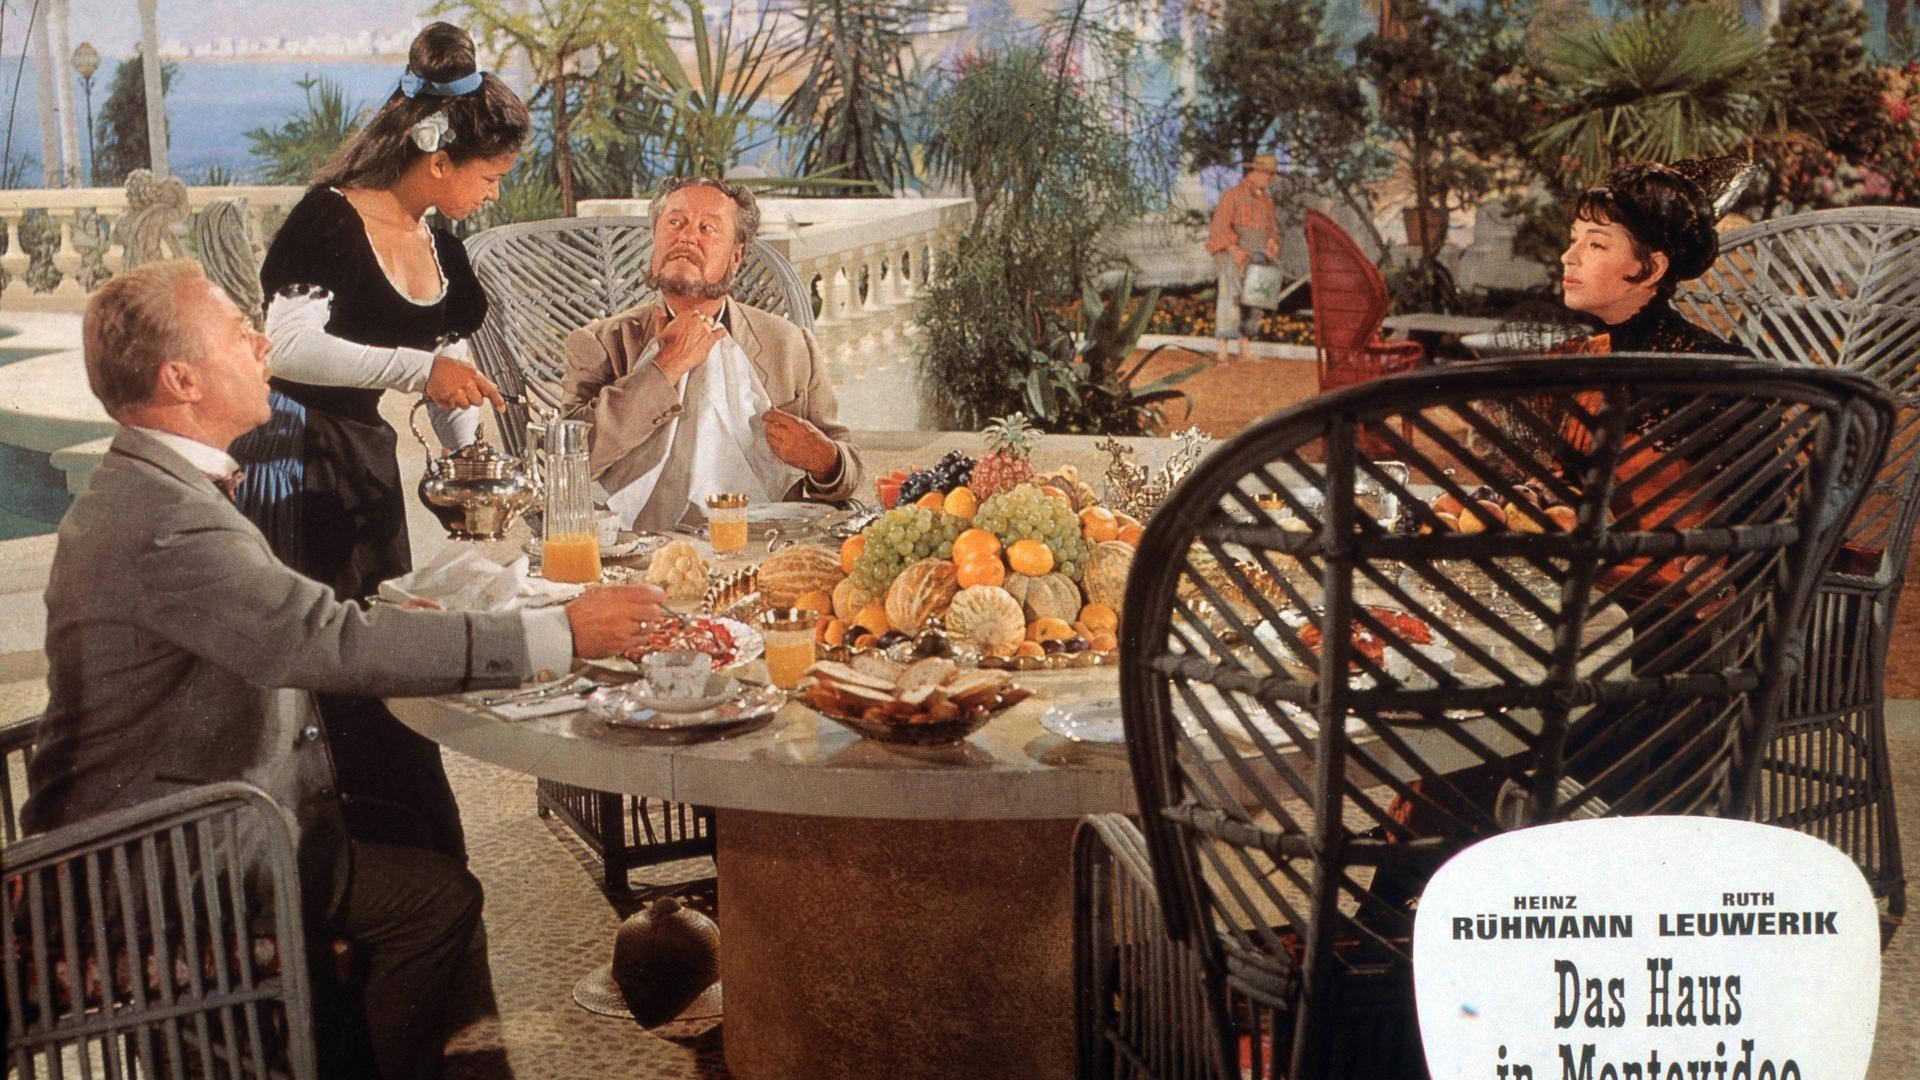 """Ein Filmfoto aus """"Das Haus in Montevideo"""", Deutschland 1963, mit Heinz Rühmann (links), Paul Dahlke, Hanne Wieder (rechts)."""